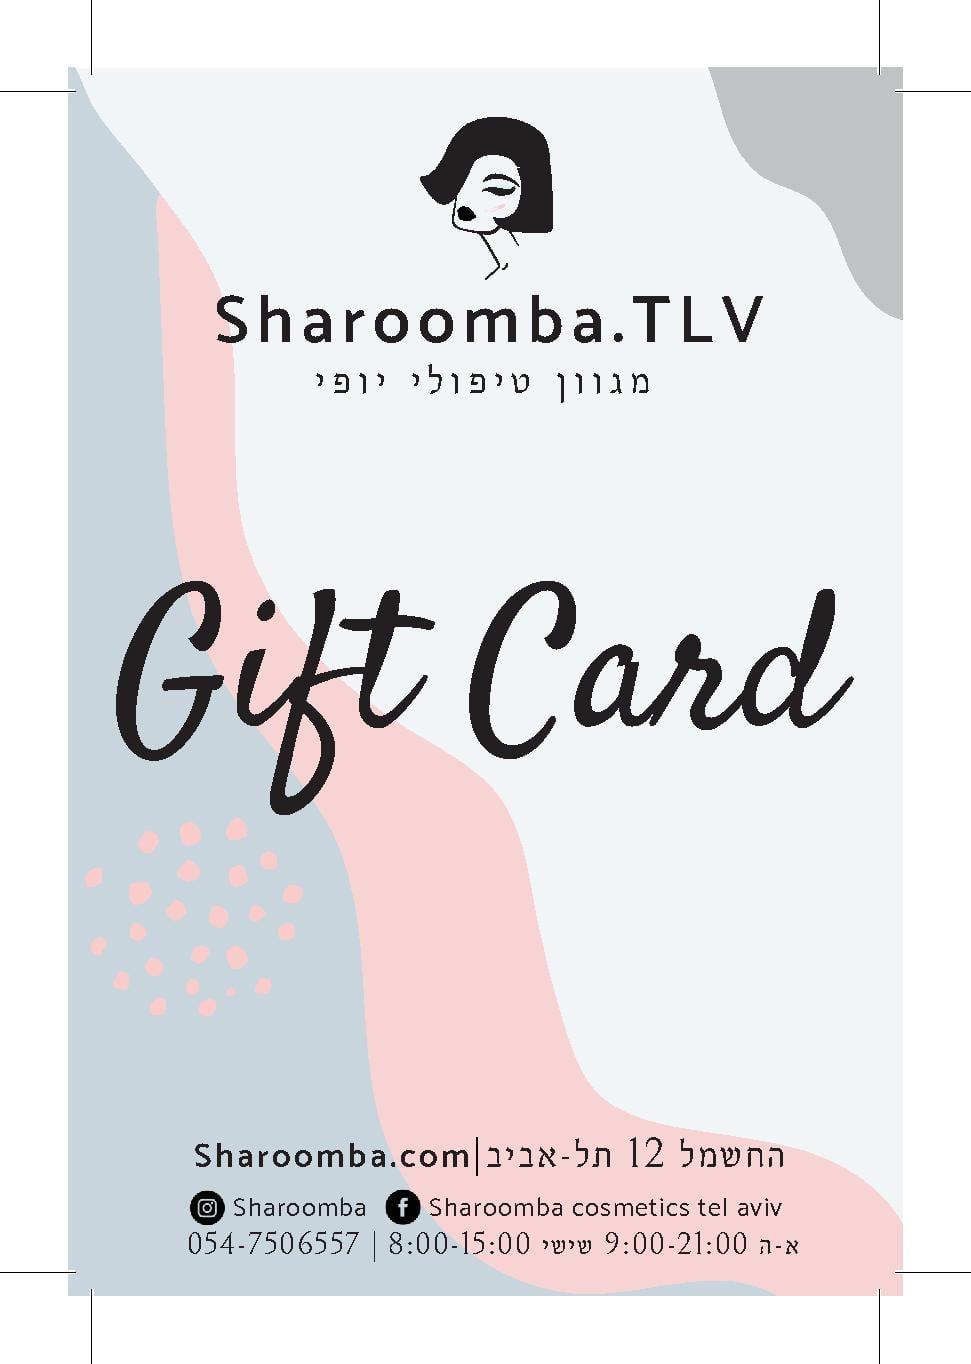 גיפט קארד שרומבה כרטיס מתנה משמח